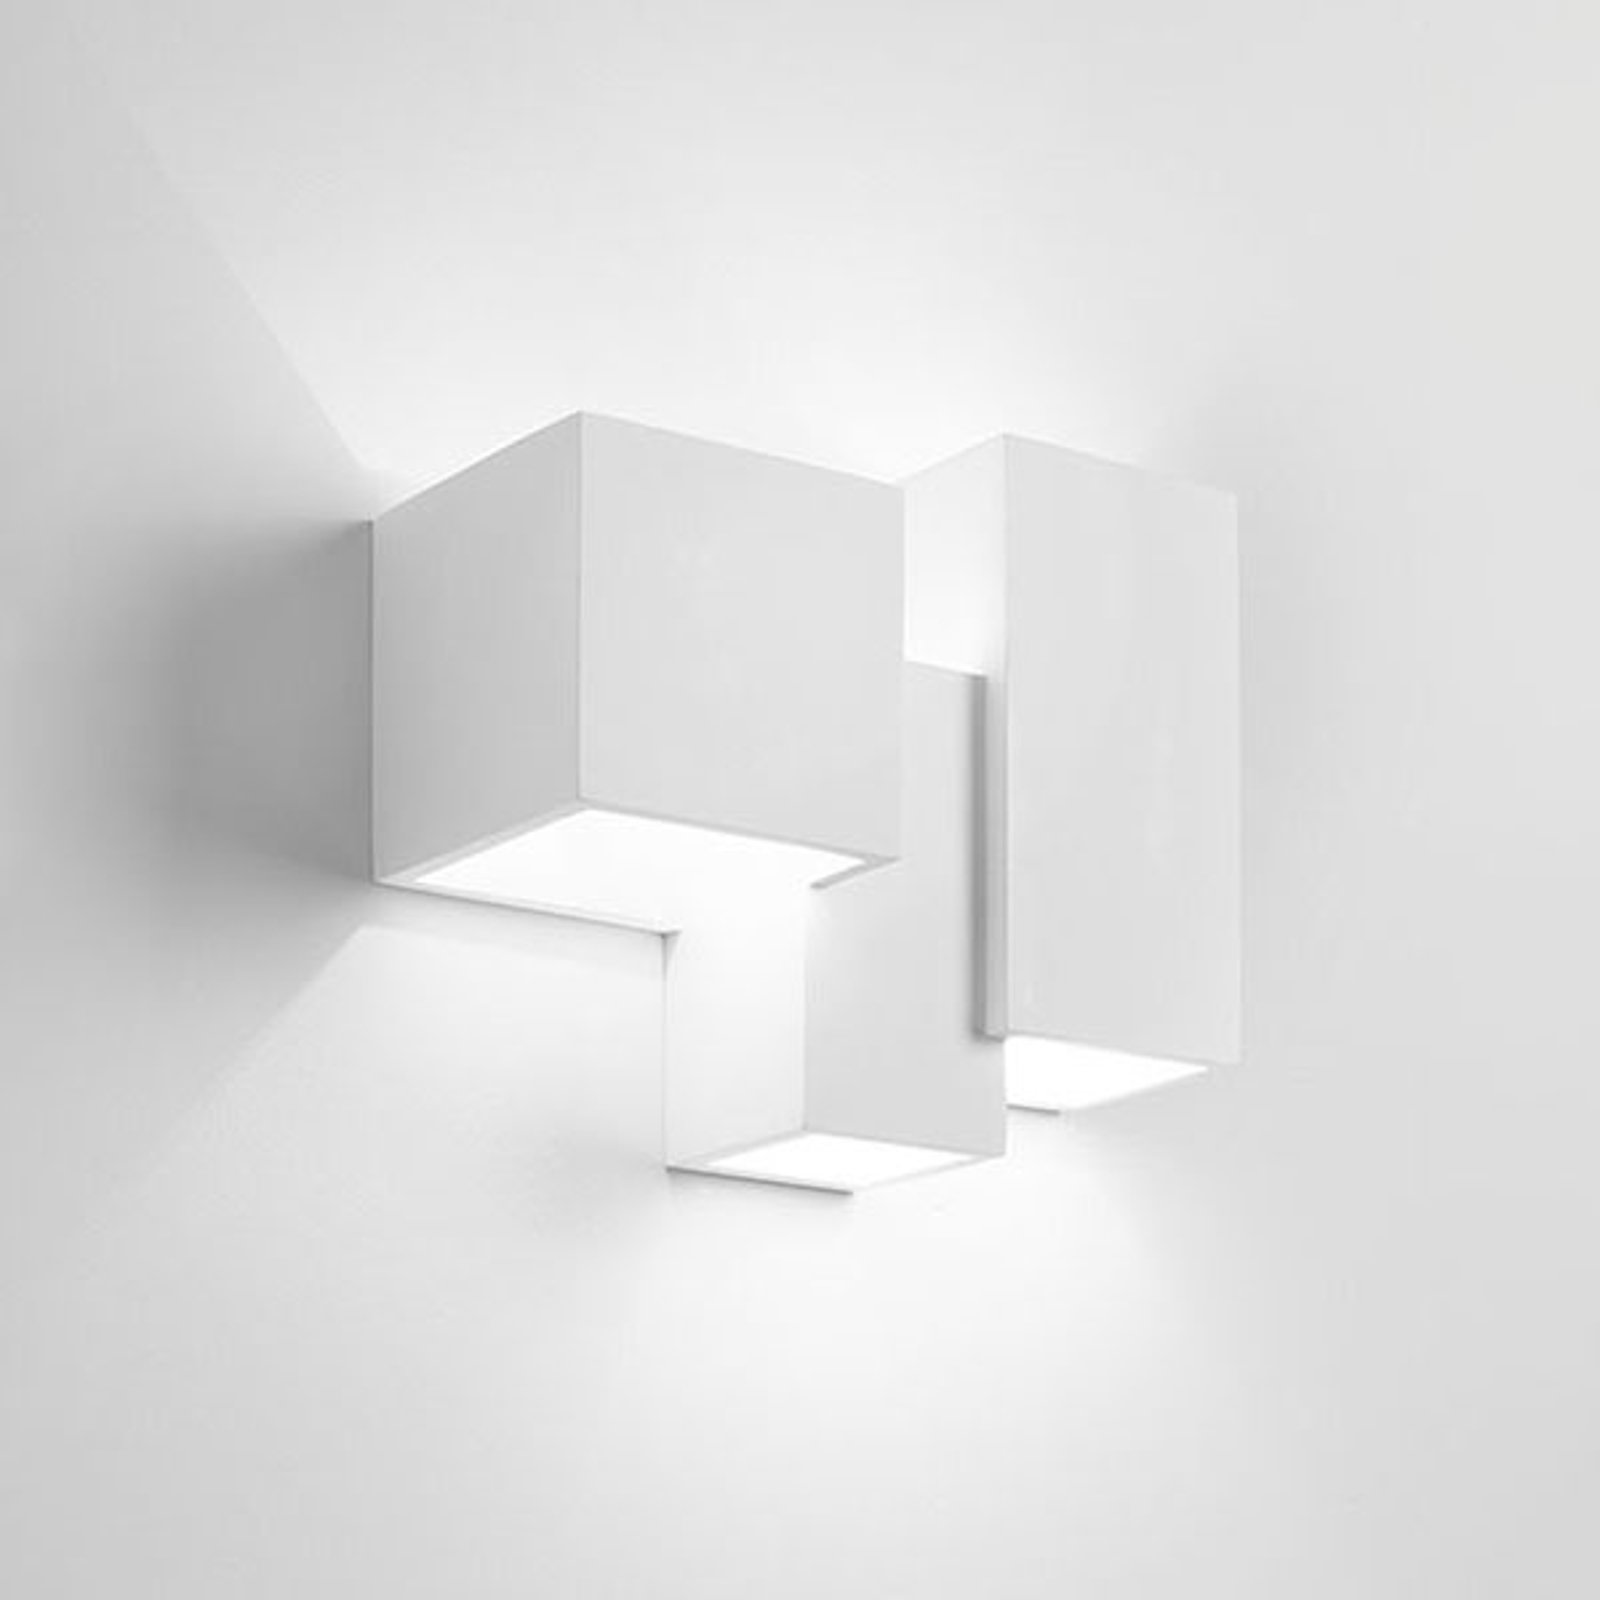 Vegglampe Heraea av gips 3 lyskilder